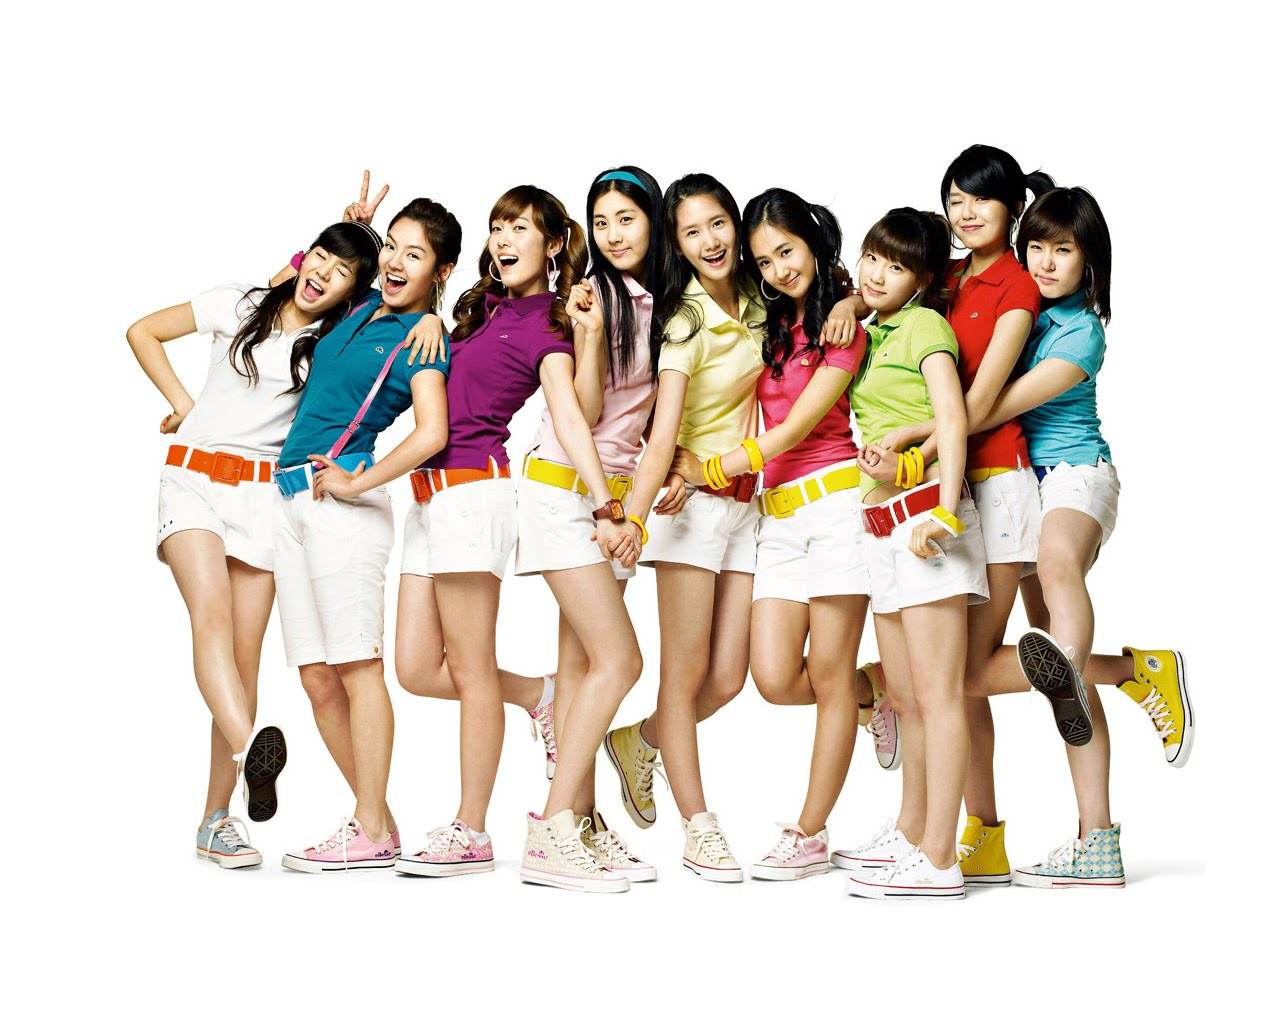 http://1.bp.blogspot.com/_Y082zbnJi_c/TNXIWkxPddI/AAAAAAAAA20/dLvzprbNNTE/s1600/girl__s_generation___snsd___by_1126jjk.jpg